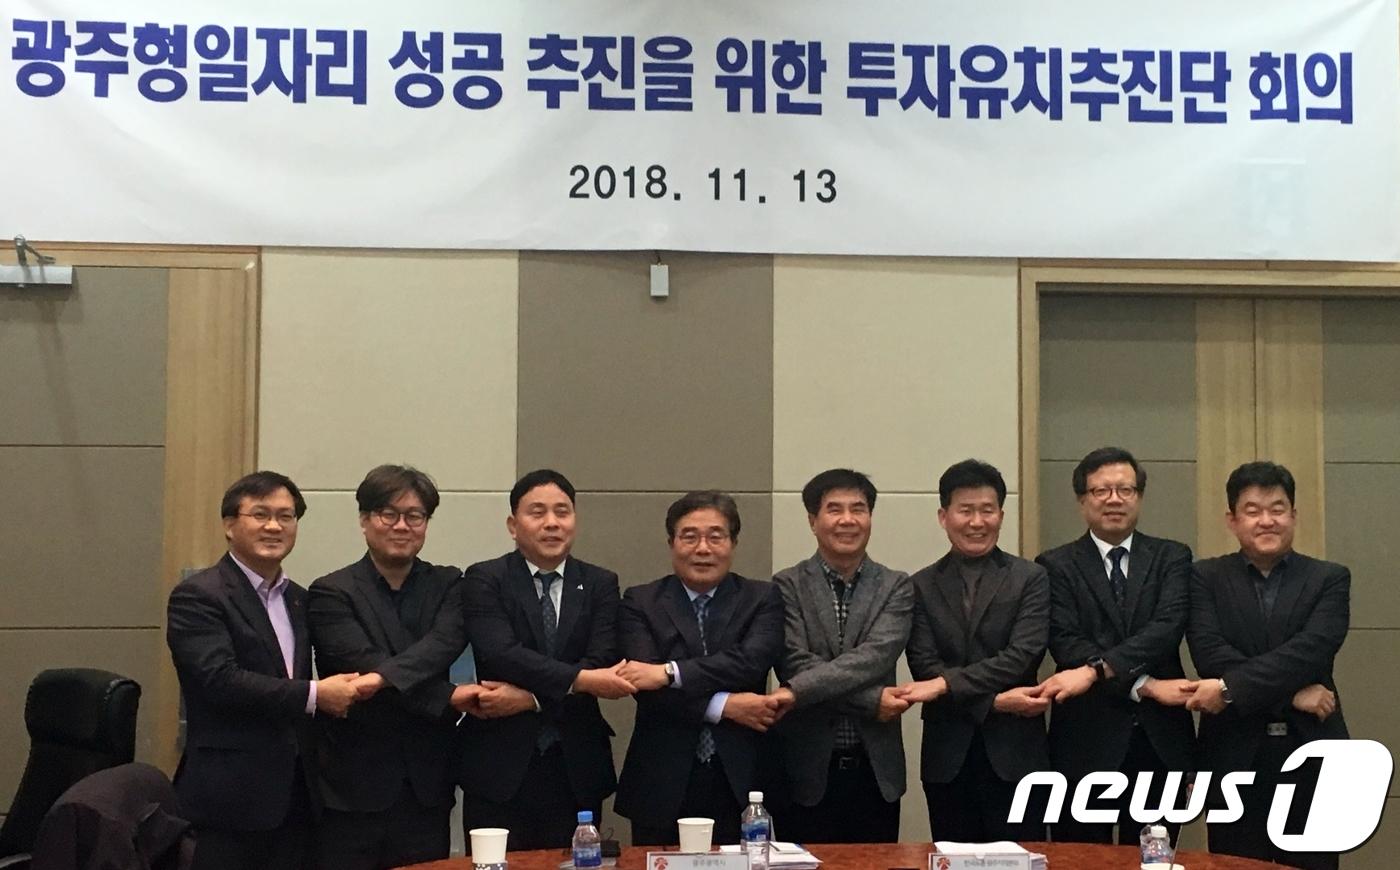 '광주형 일자리' 최종협상도 난항..일요일까지 연장[nba스코어|축배팅인정사이트]